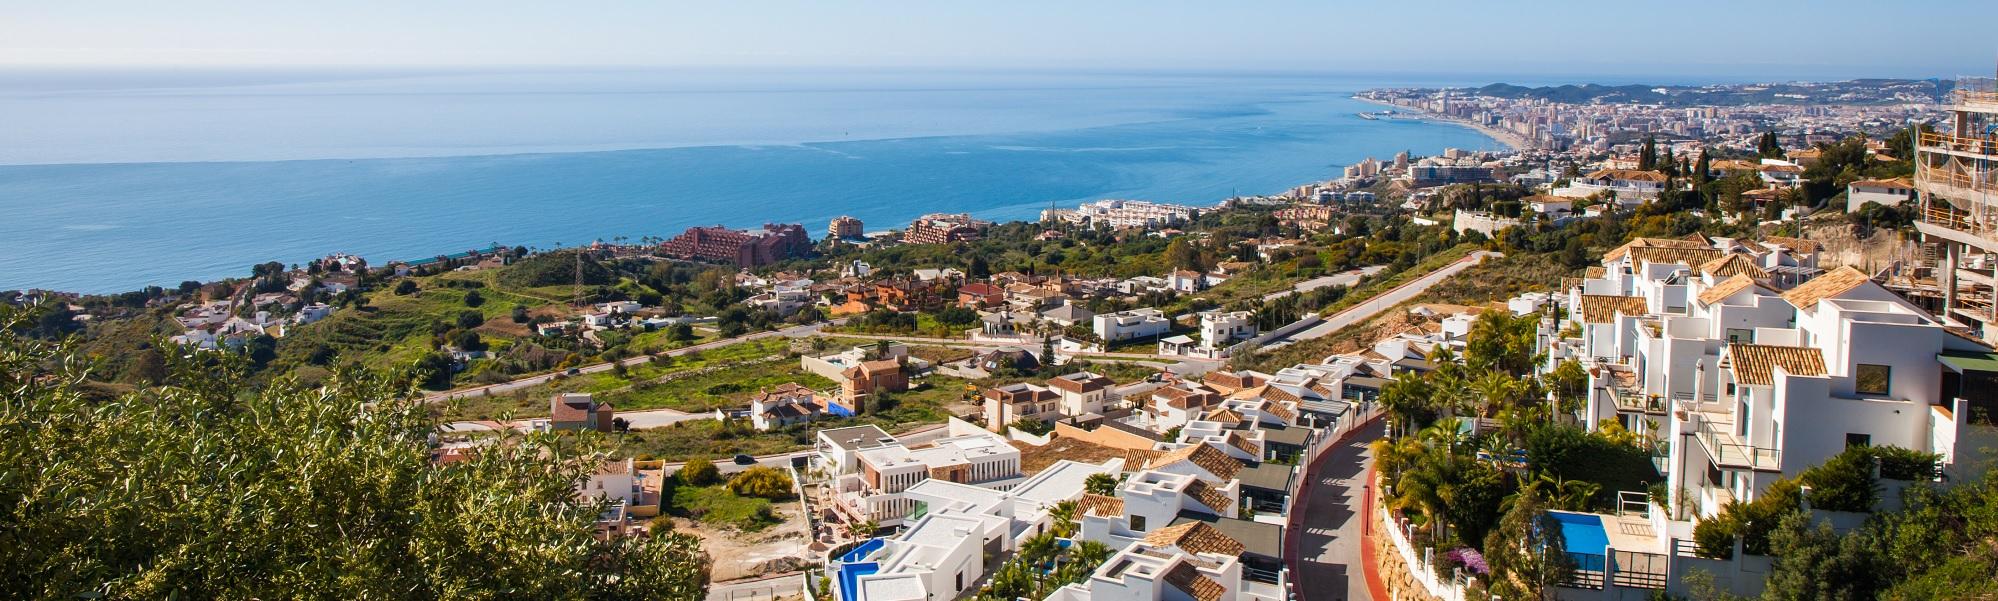 De hoogtepunten van de Costa del Sol